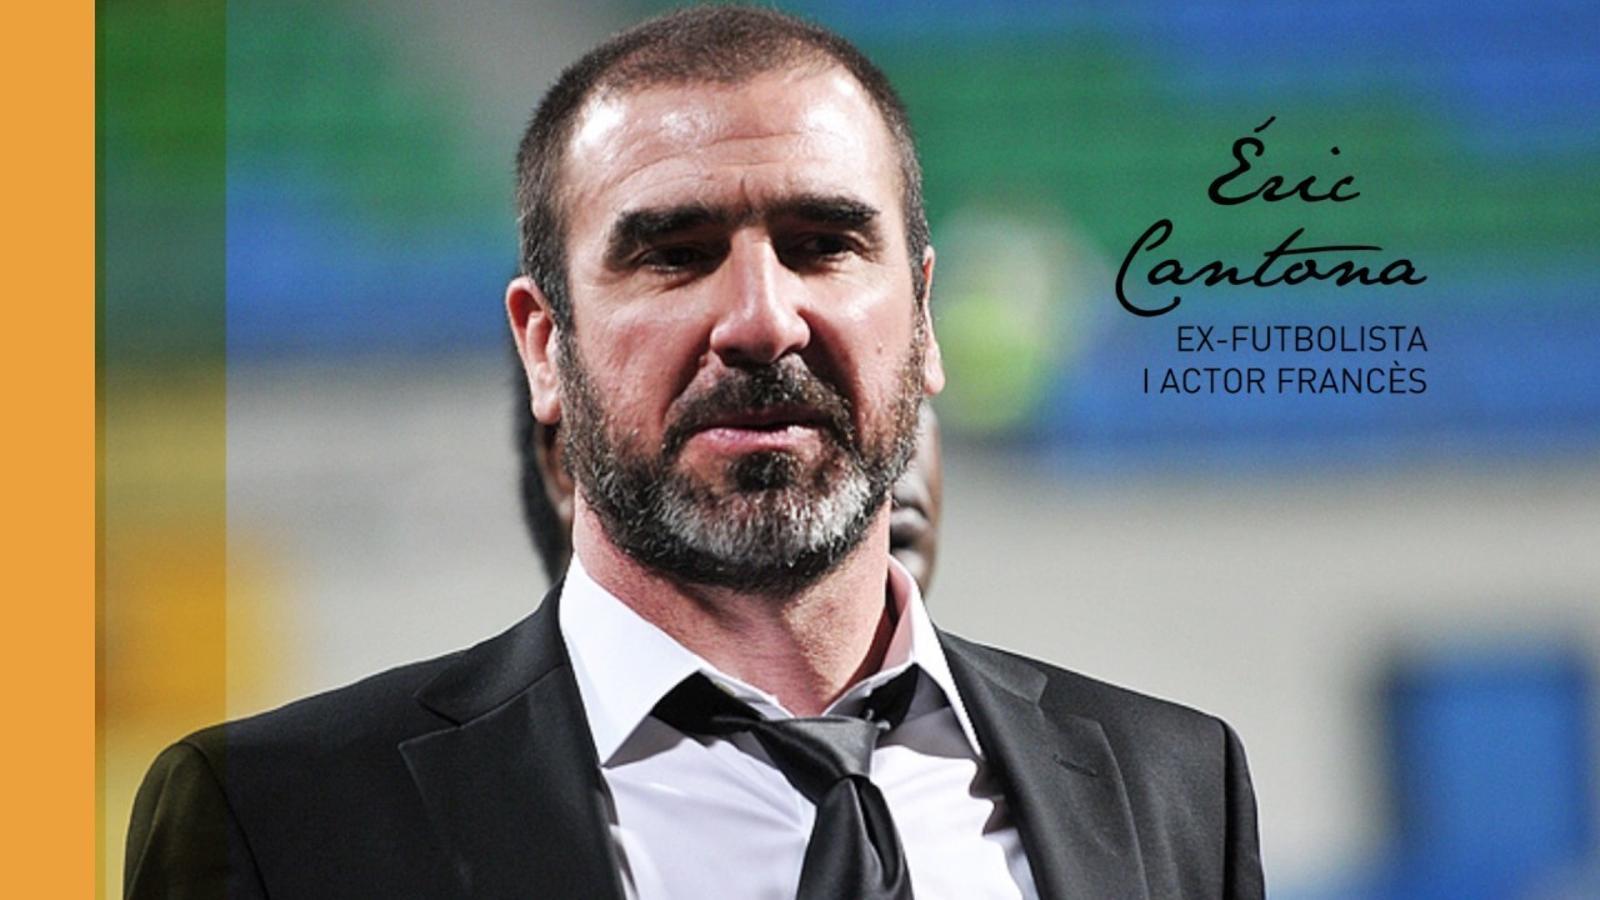 L'ex-futbolista Éric Cantona és un dels signants del manifest